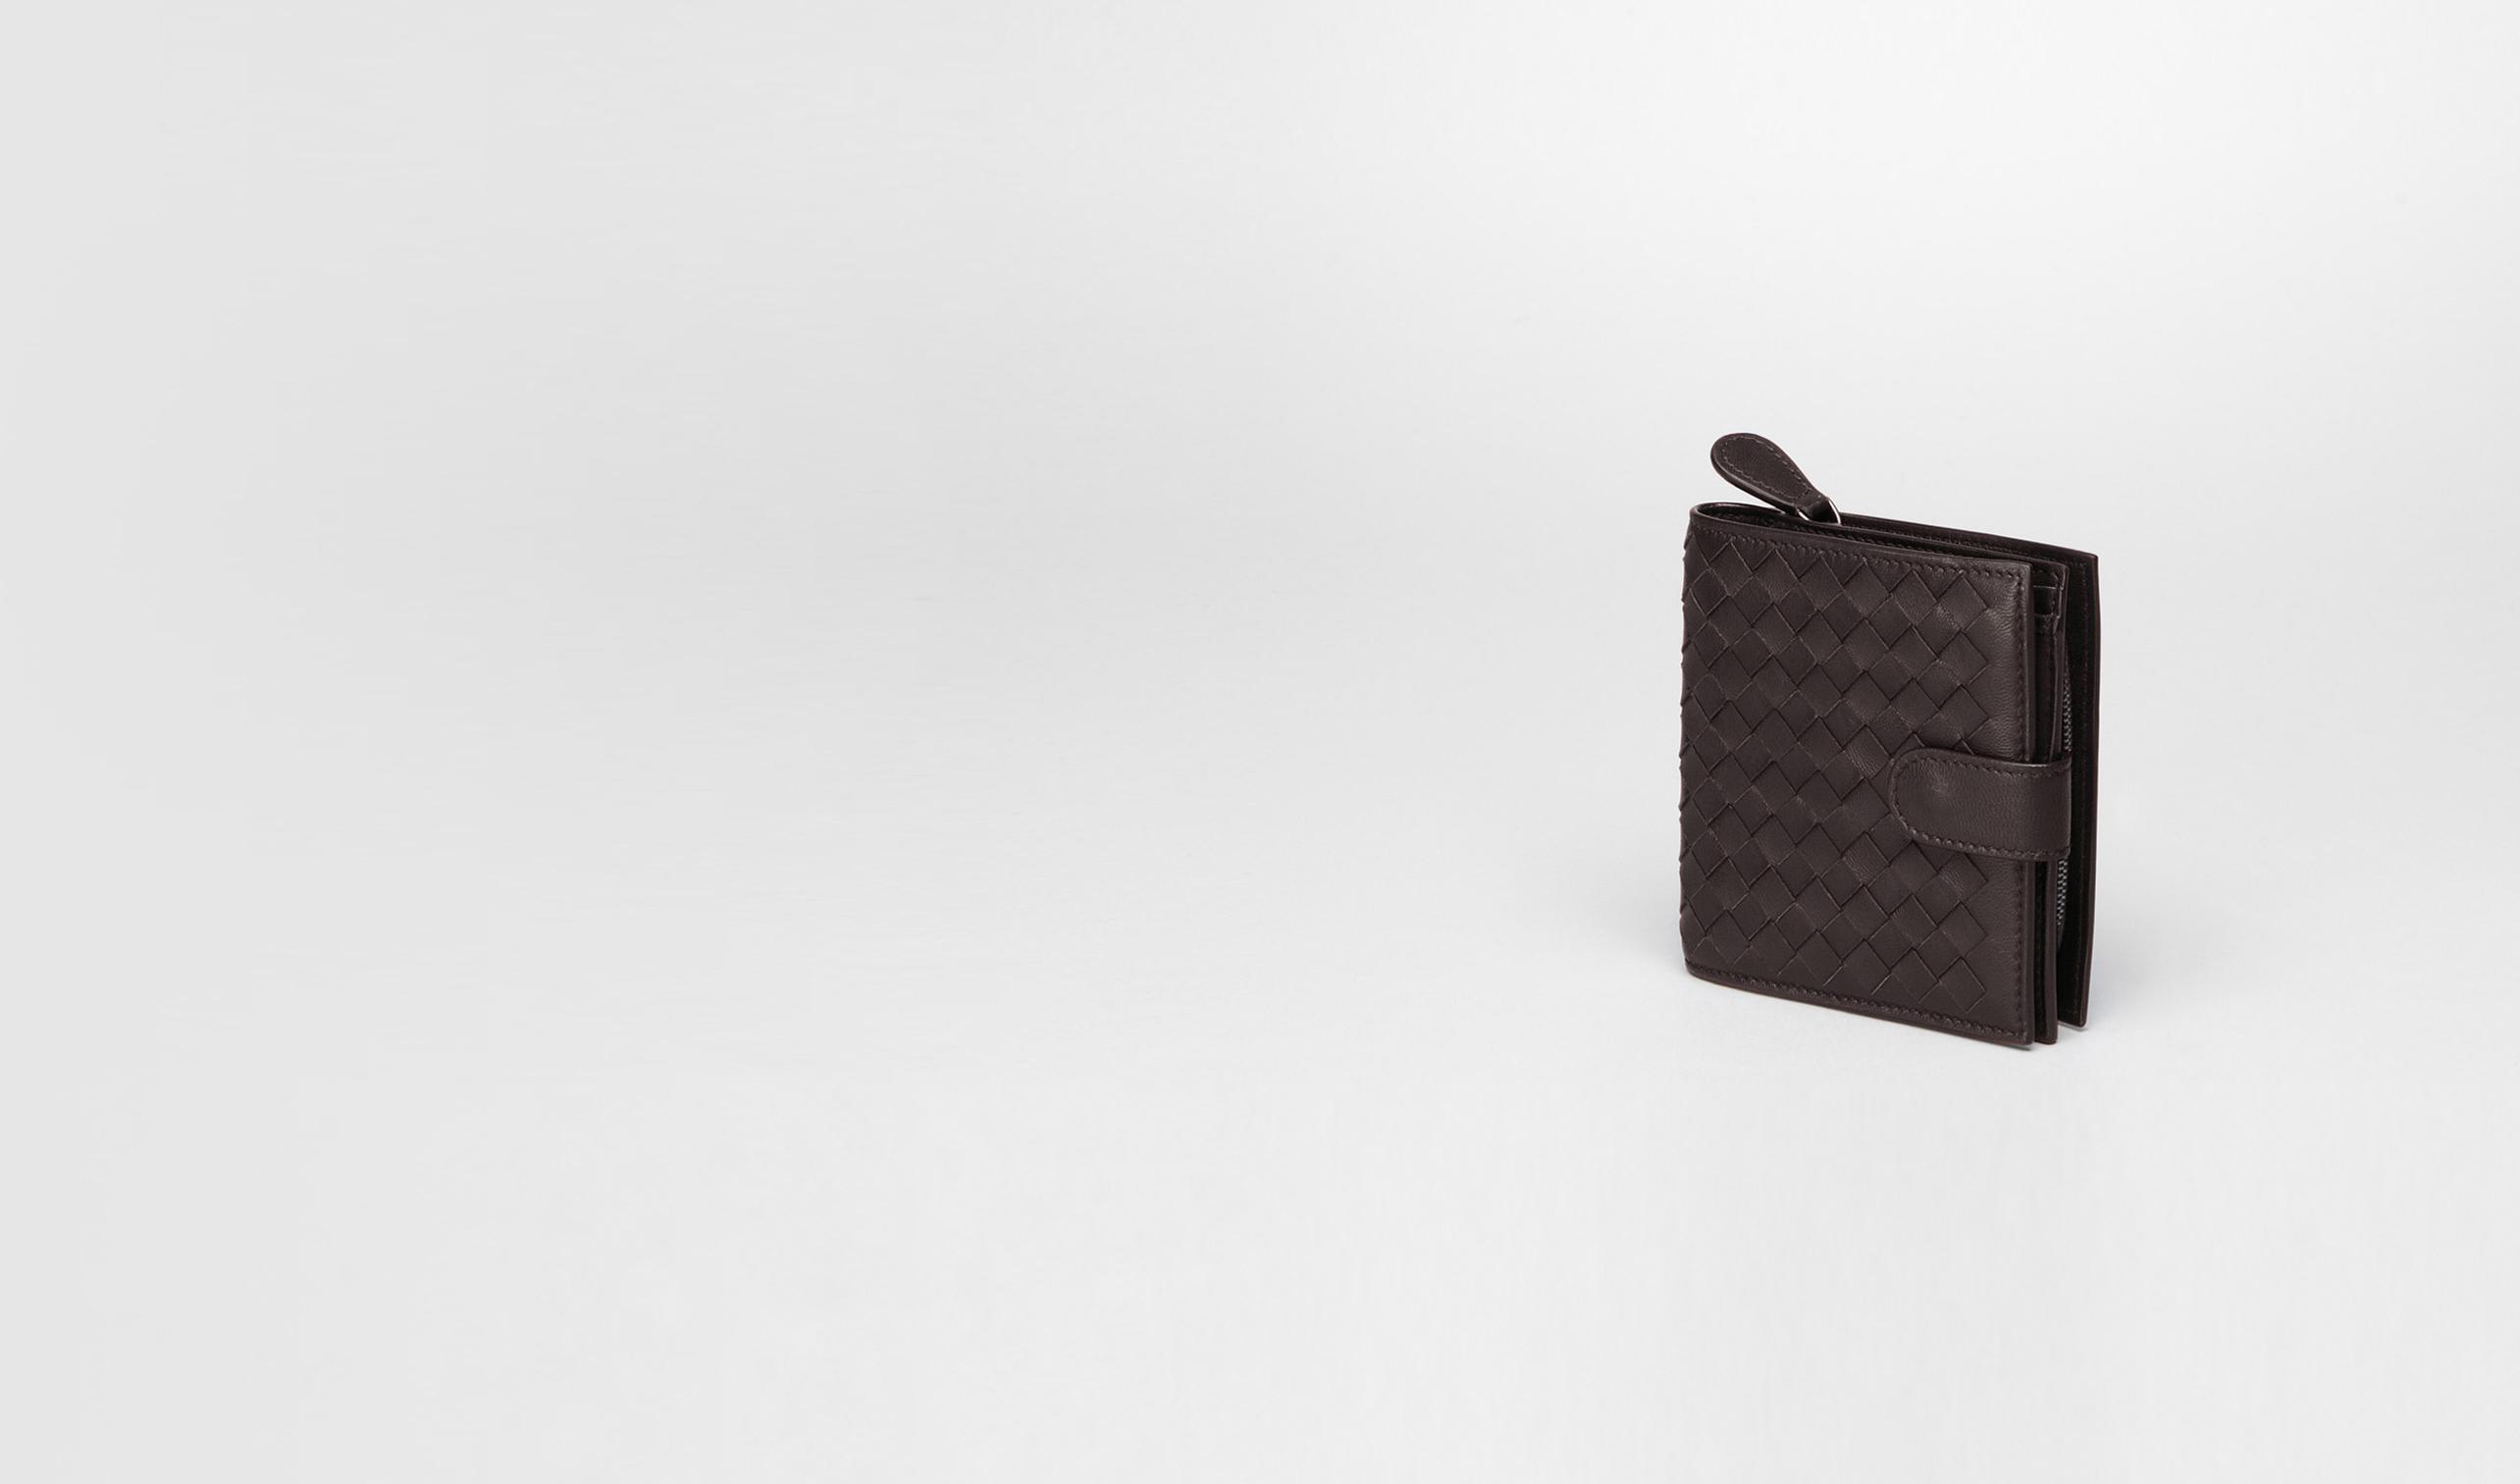 BOTTEGA VENETA Portafoglio Mini o Portamonete D Portafoglio Continental Ebano in Nappa Intrecciata pl